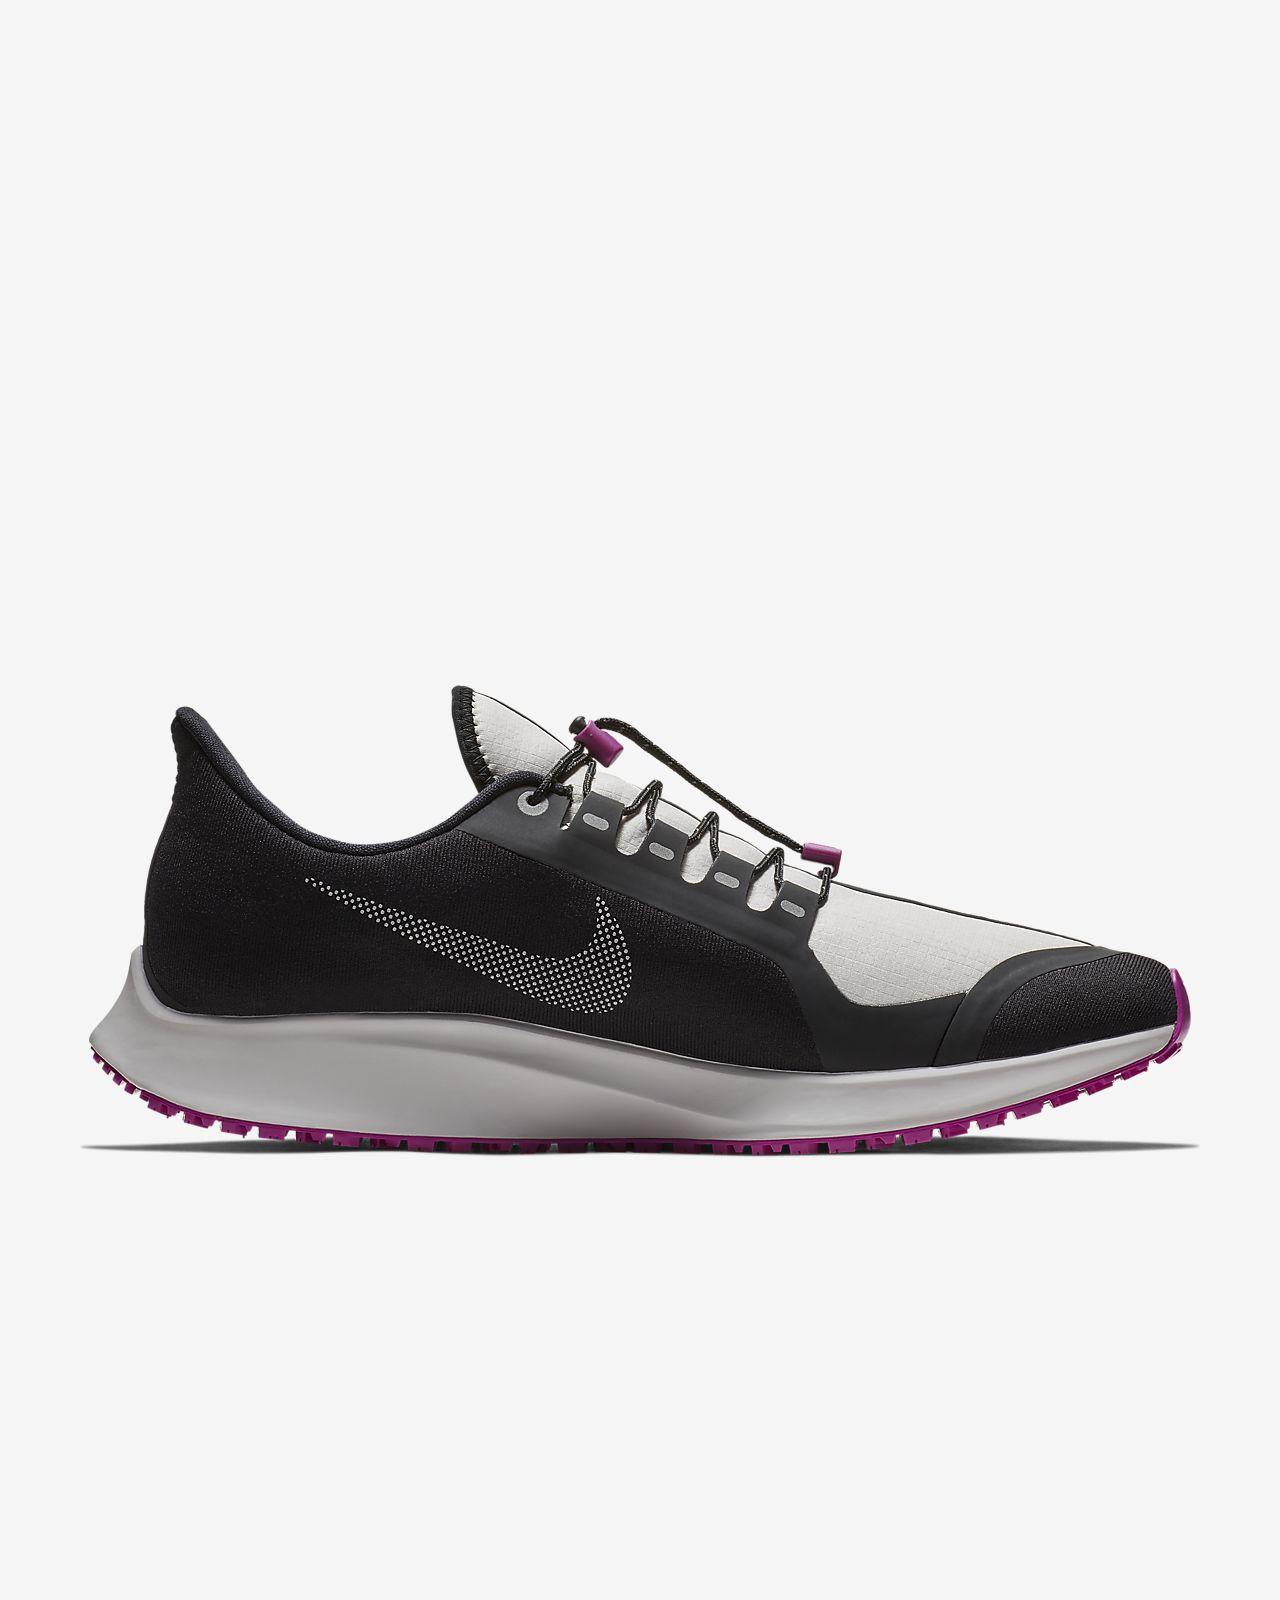 8fa3b3308fe ... Nike Air Zoom Pegasus 35 Shield NRG Water-Repellent Hardloopschoen voor  heren